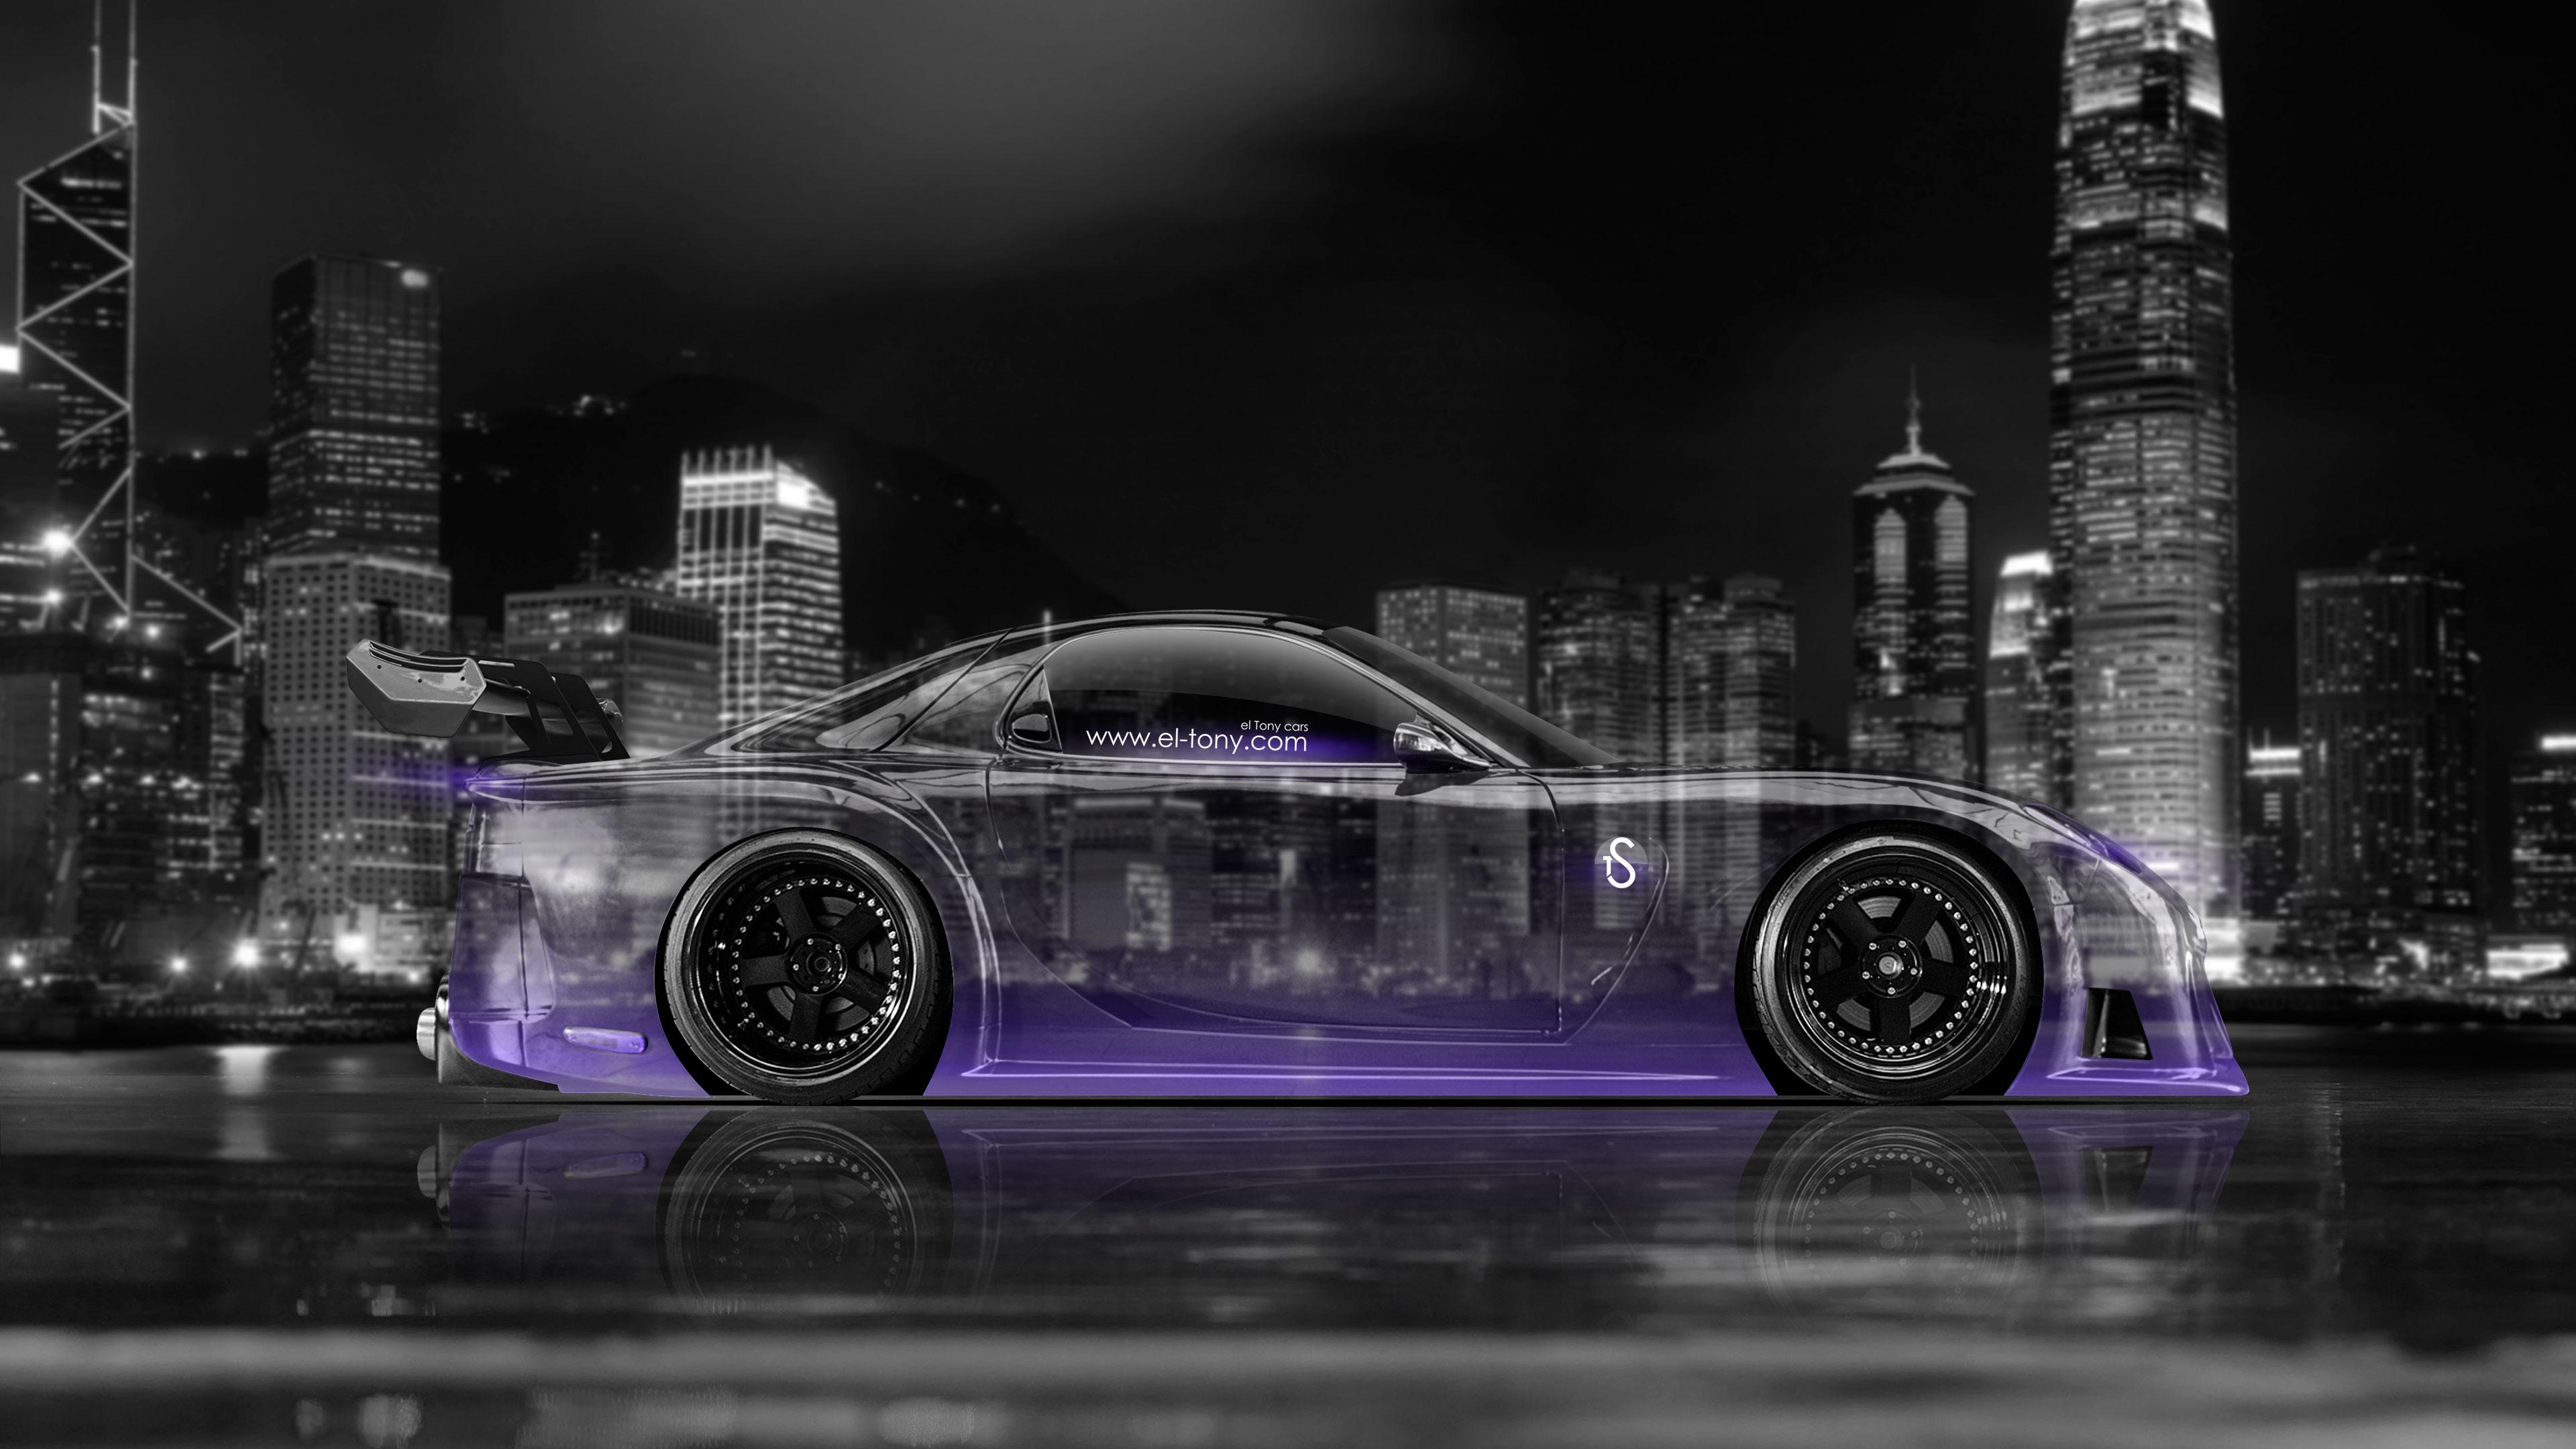 Car 2014 Art Violet Neon 4K Wallpapers design by Tony Kokhan [wwwel 3840x2160